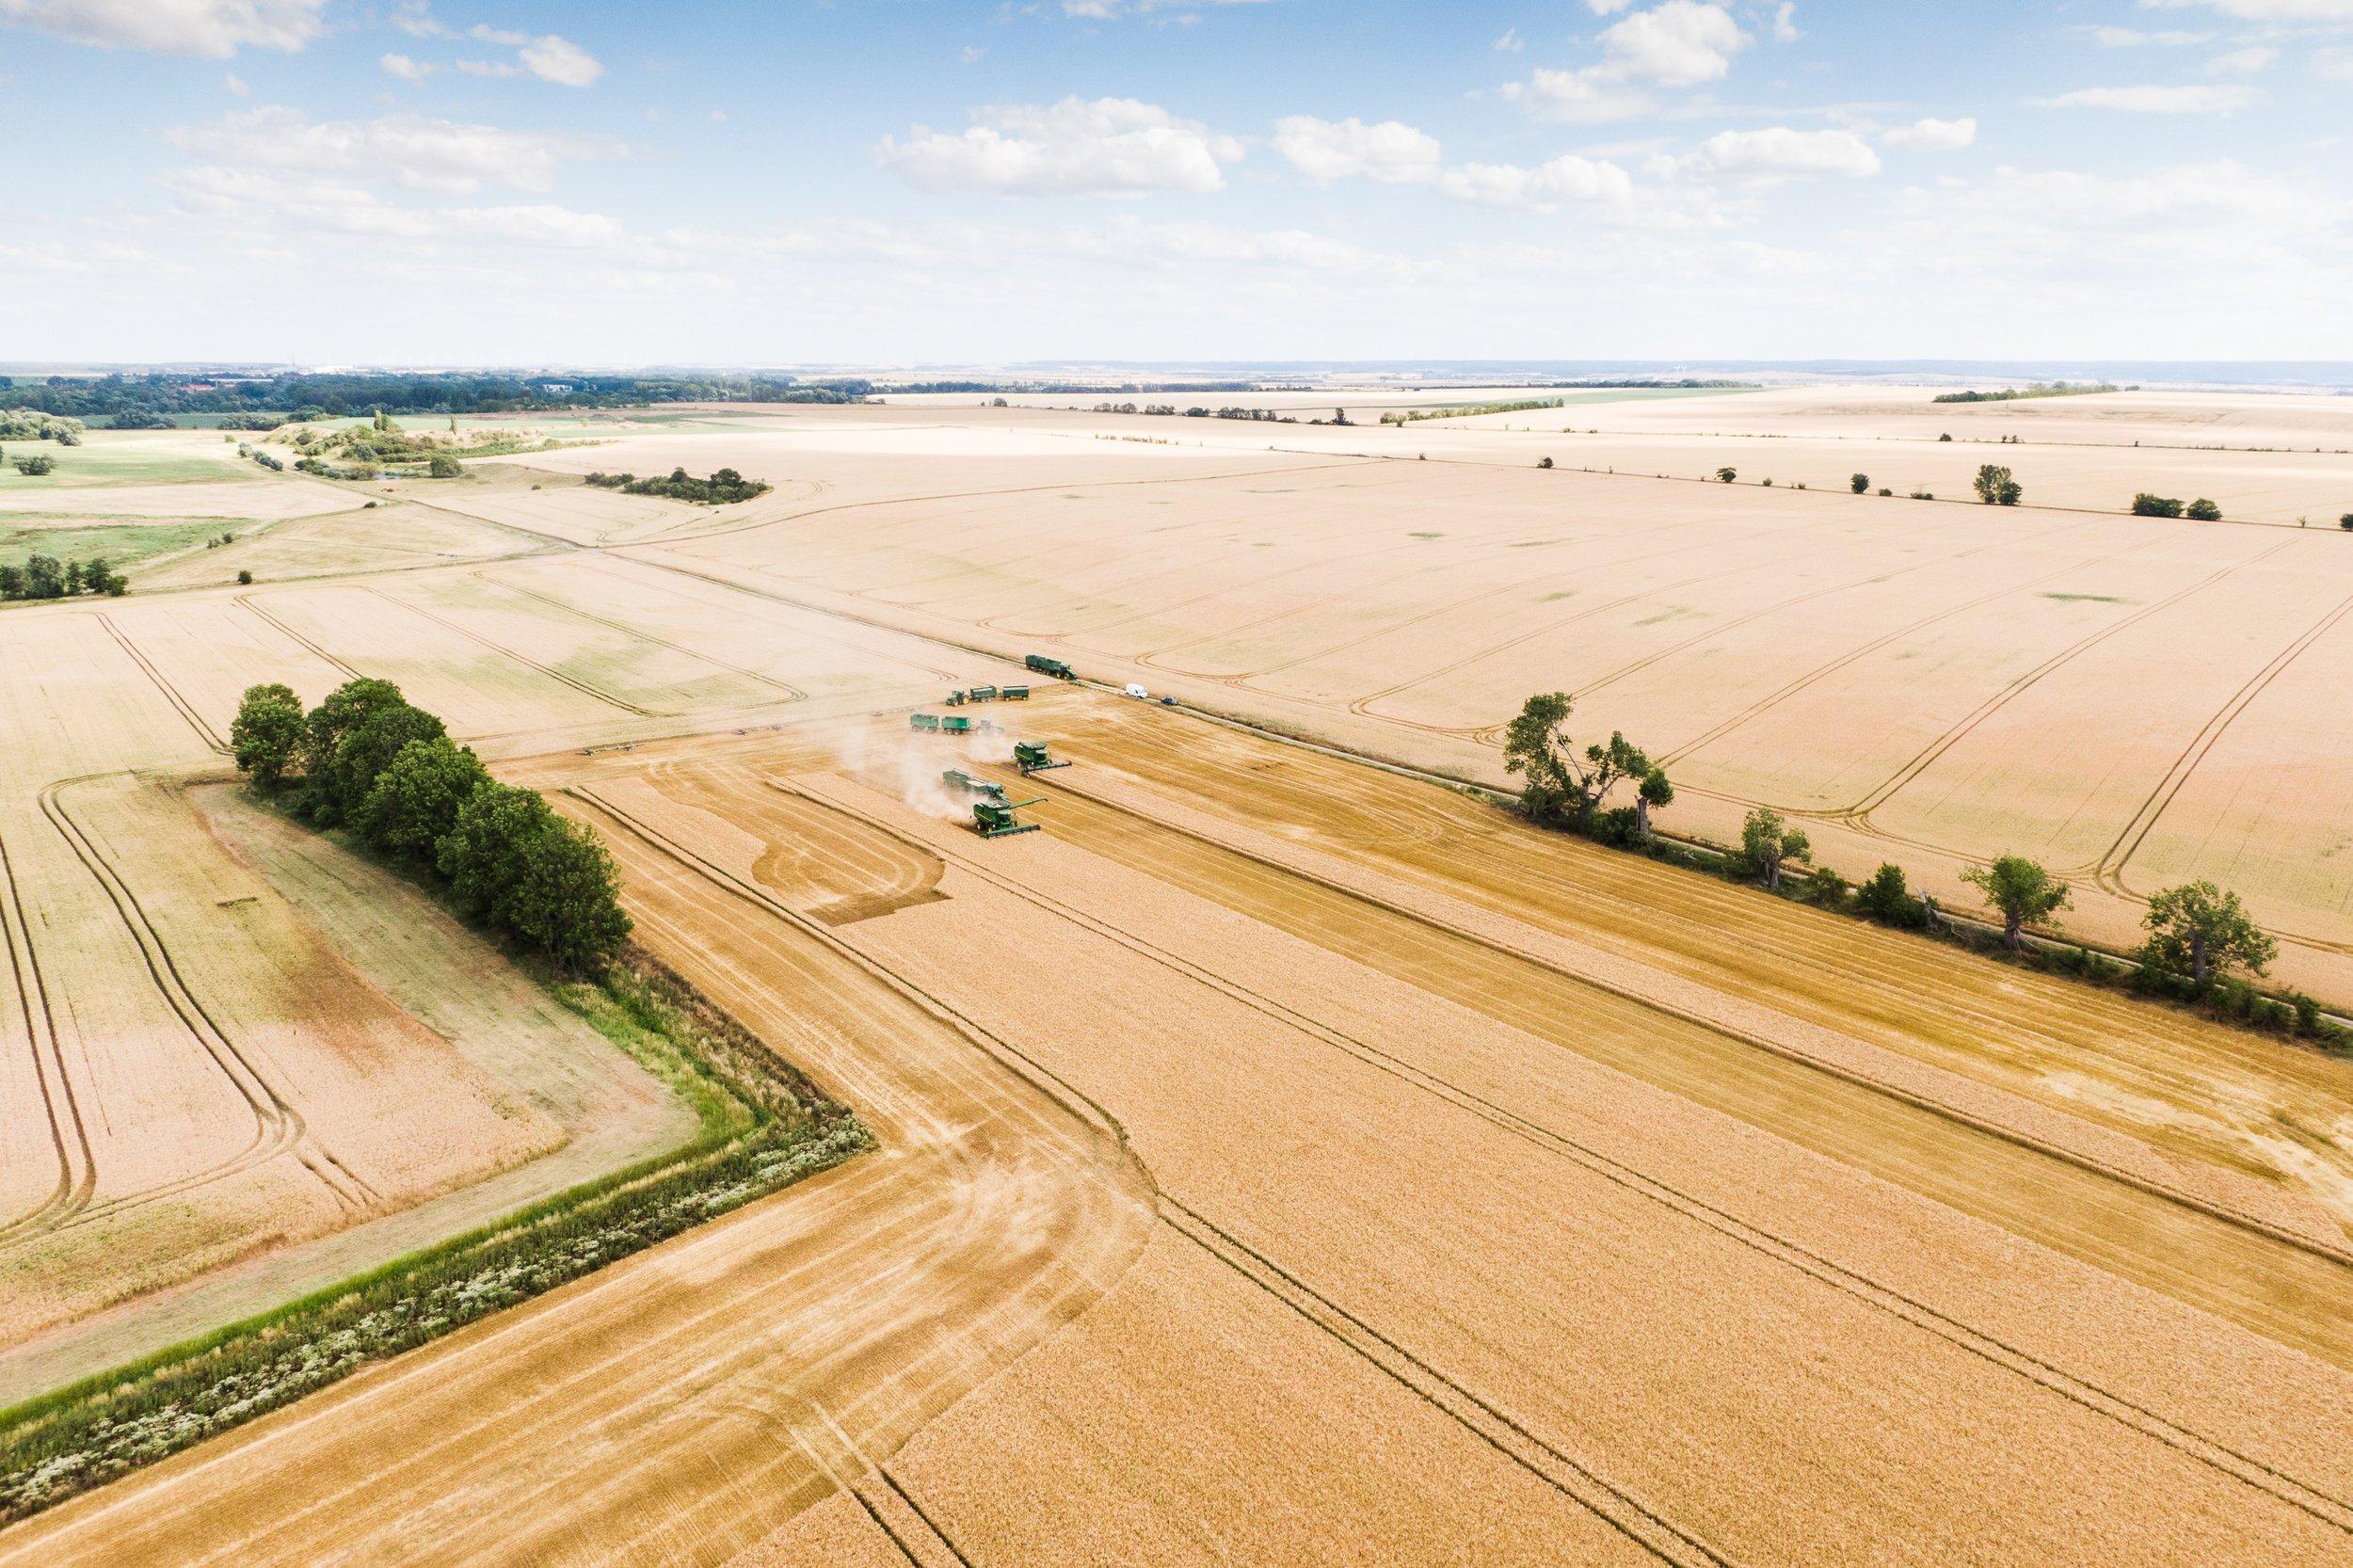 Masse statt Klasse – über die Zukunft der Landwirtschaft und der Subventionen in der EU wird auch 2021 heftig gestritten